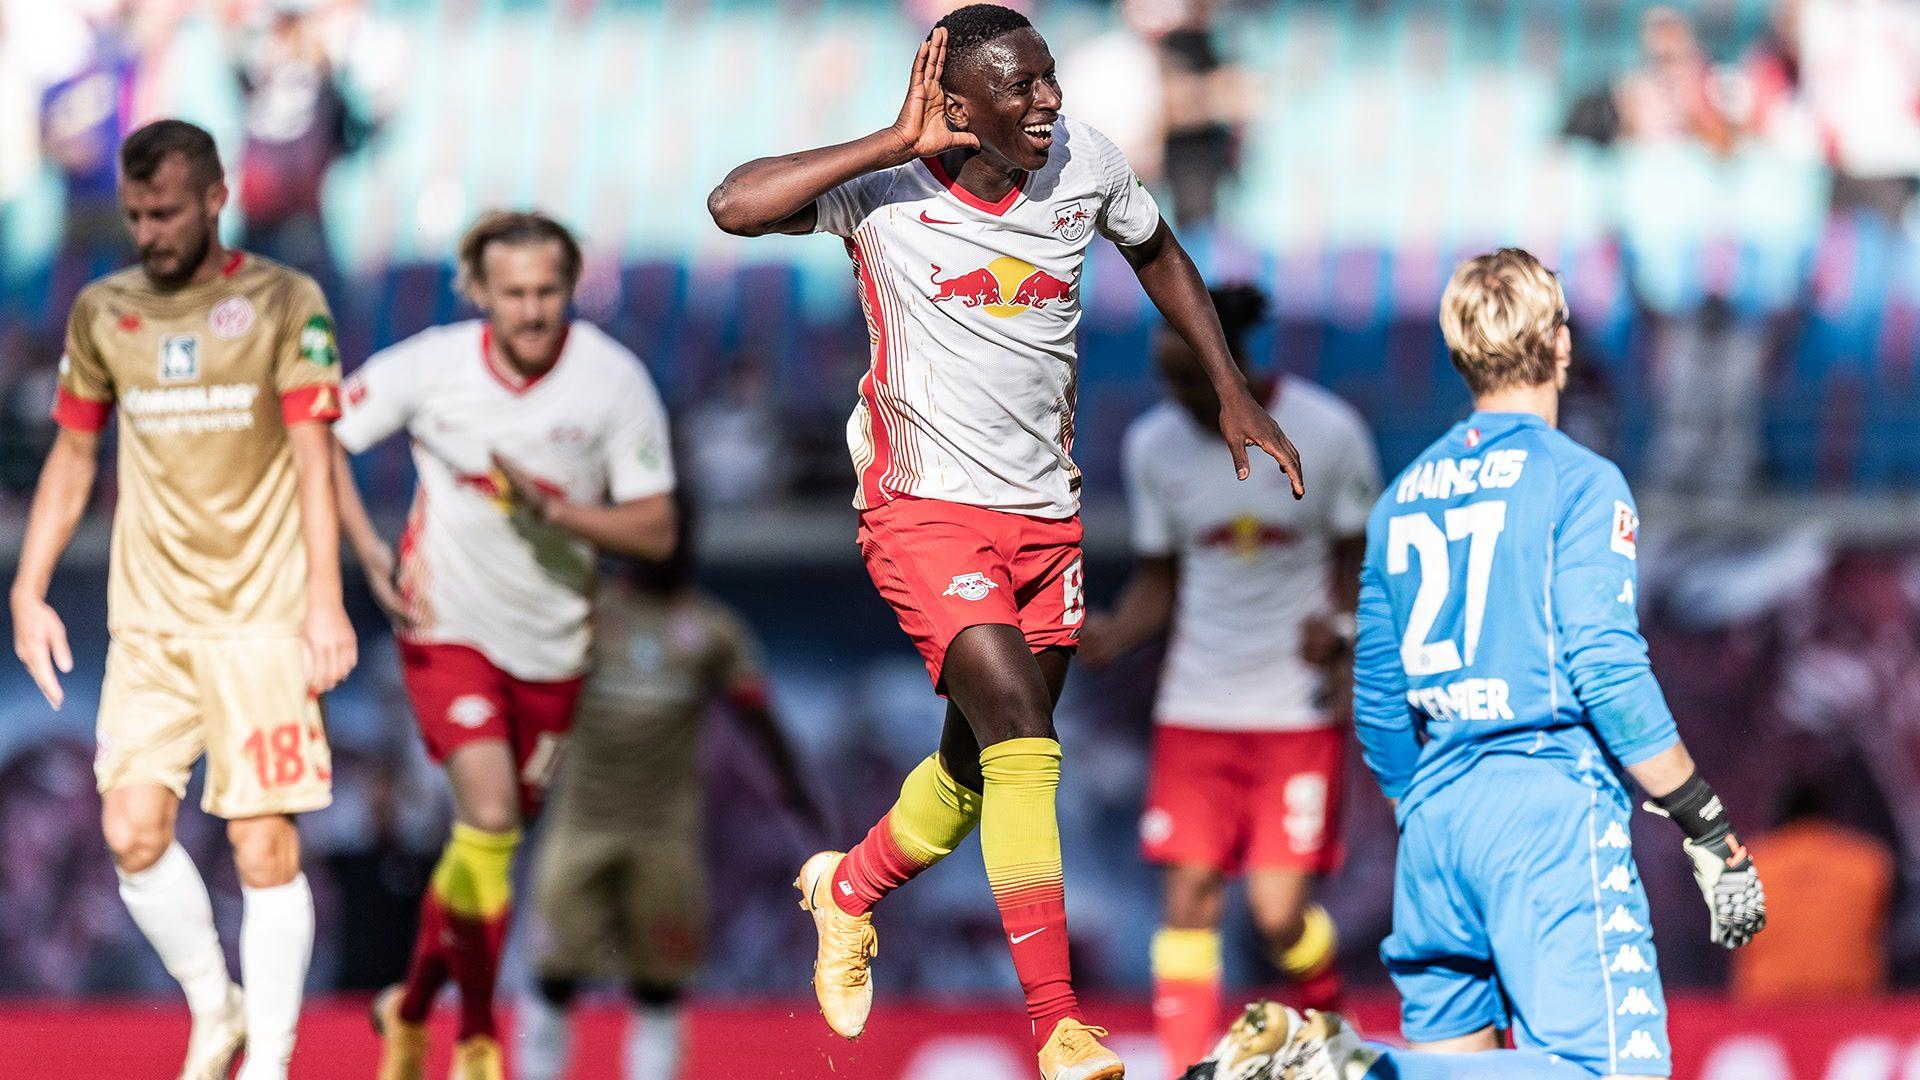 RBL gewinnt hochverdient mit 3:1 gegen Mainz